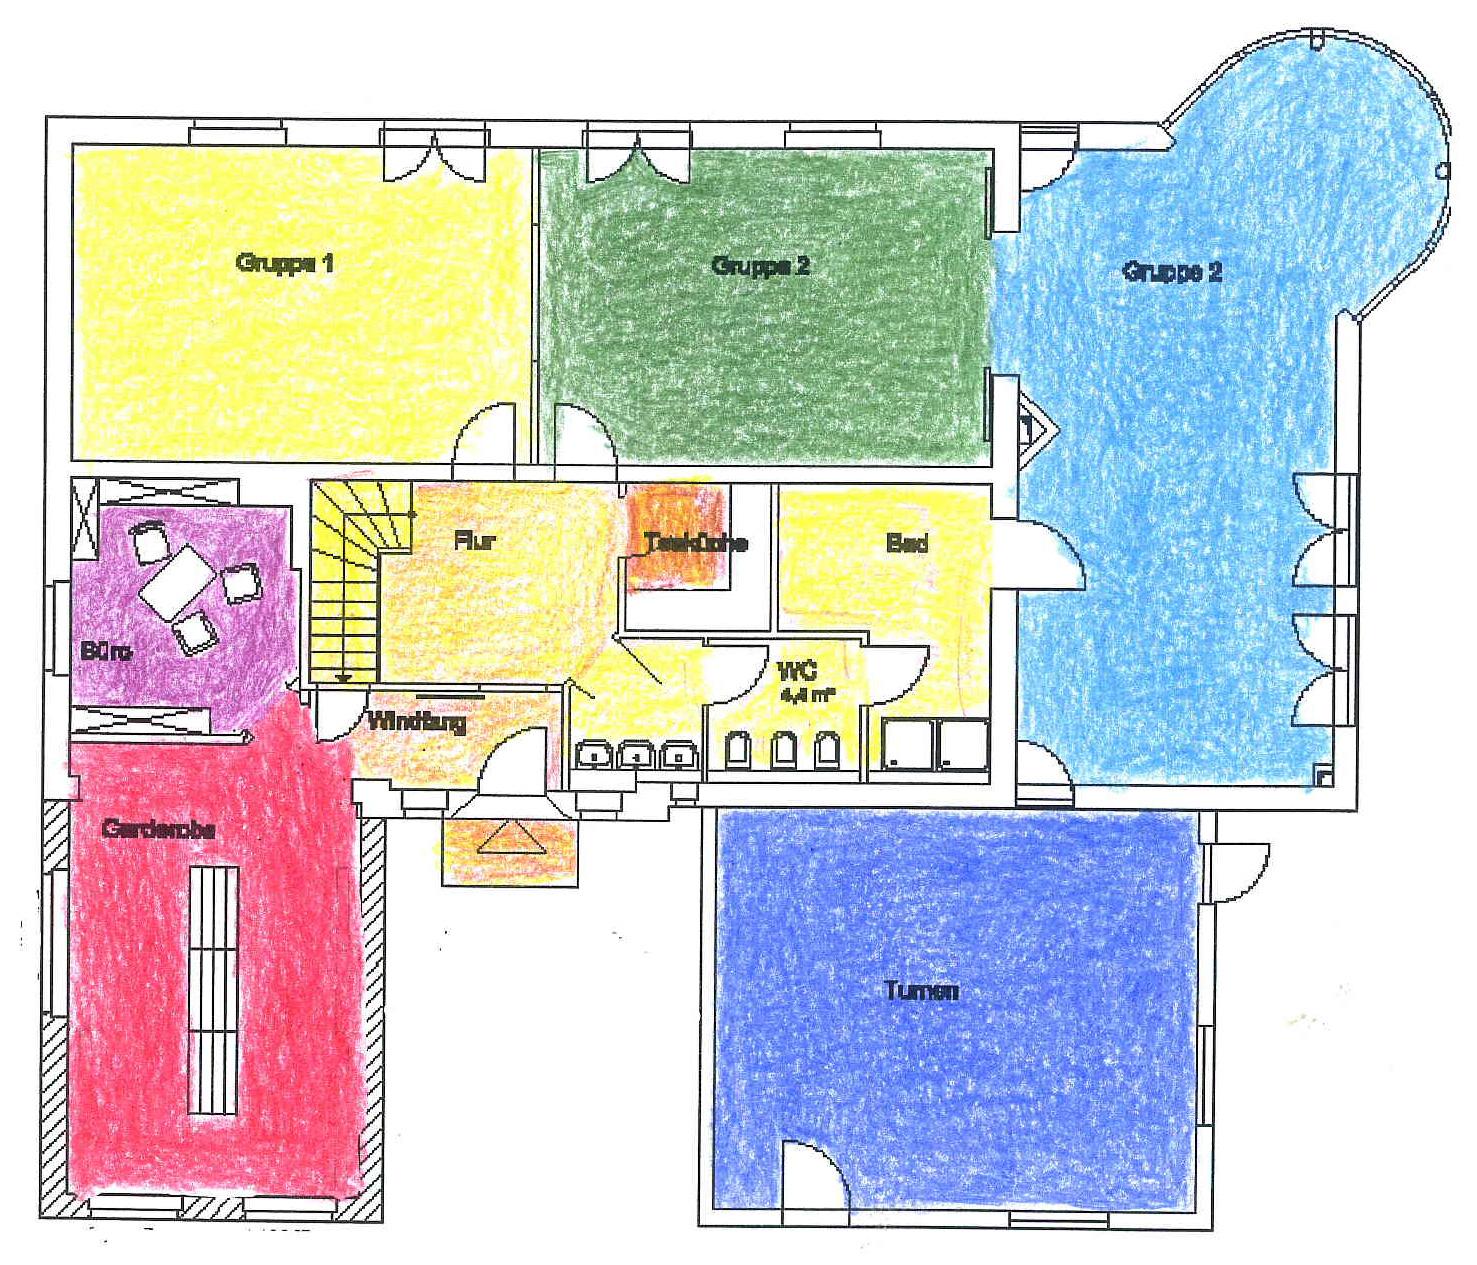 Im Erdgeschoß Der Kita Spatzennest Befindet Sich Die Zentrale, Kindgerechte  Garderobe, Direkt Daran Angeschlossen Ein Raum Für Die Leitenden  Erzieherinnen ...